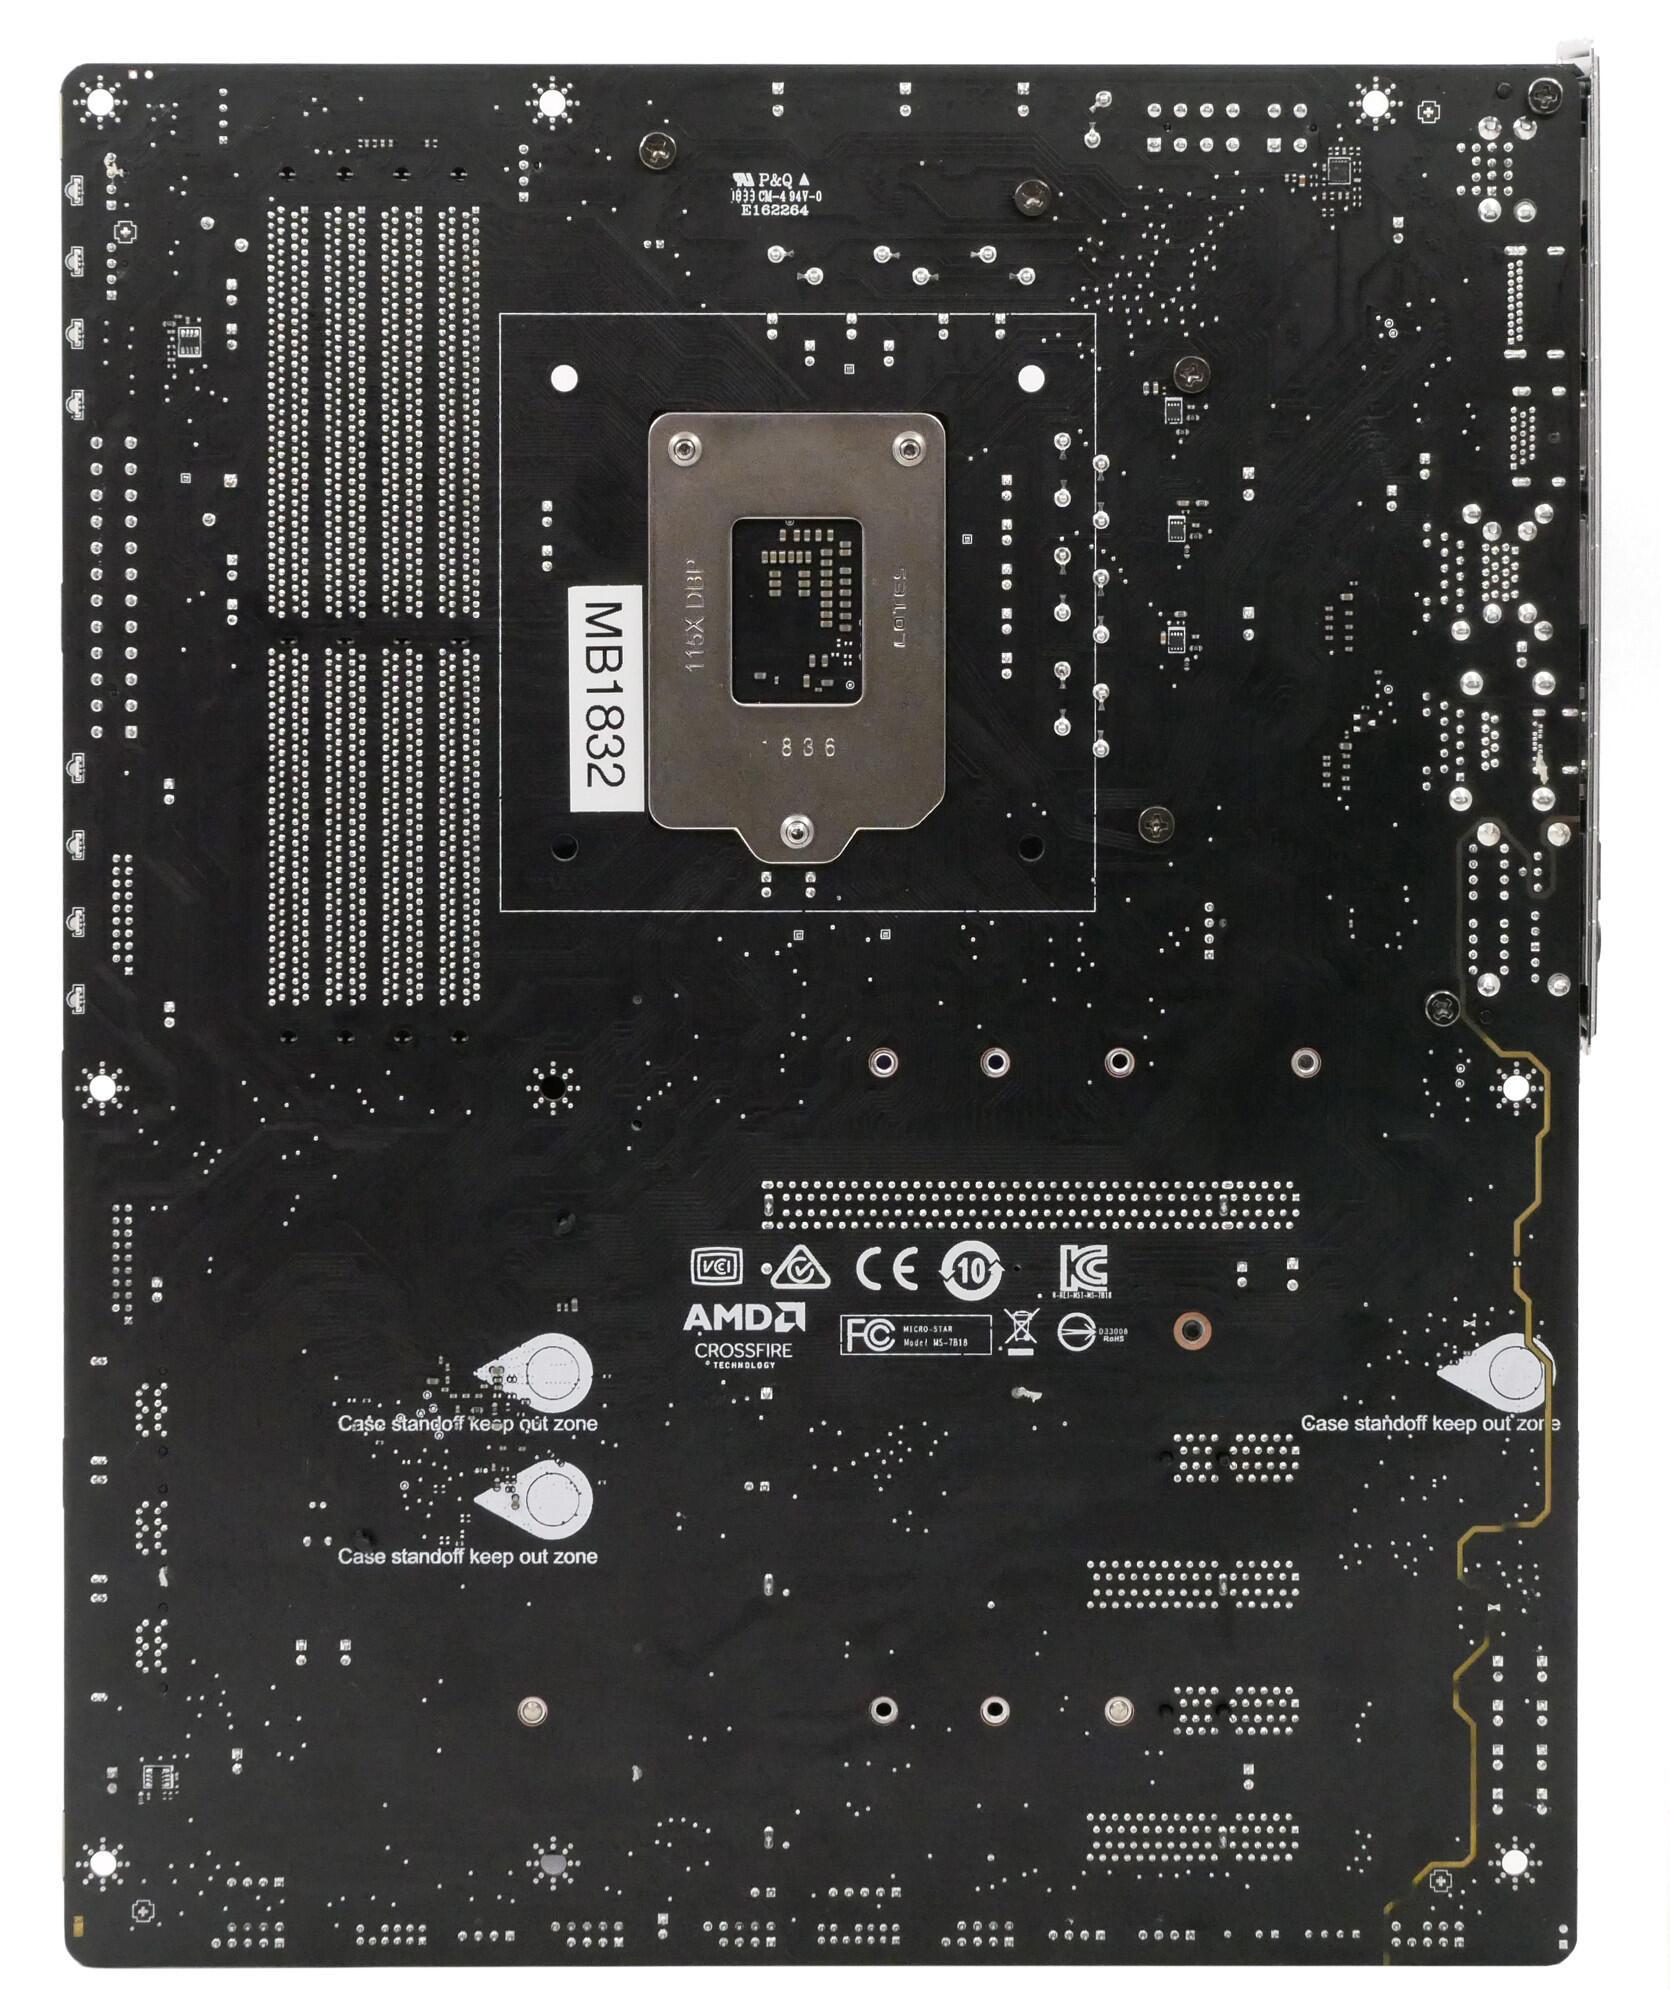 Kompyutery i komplektuyushcie - Obzor i test materinskoy platy MSI MAG Z390 Tomahawk